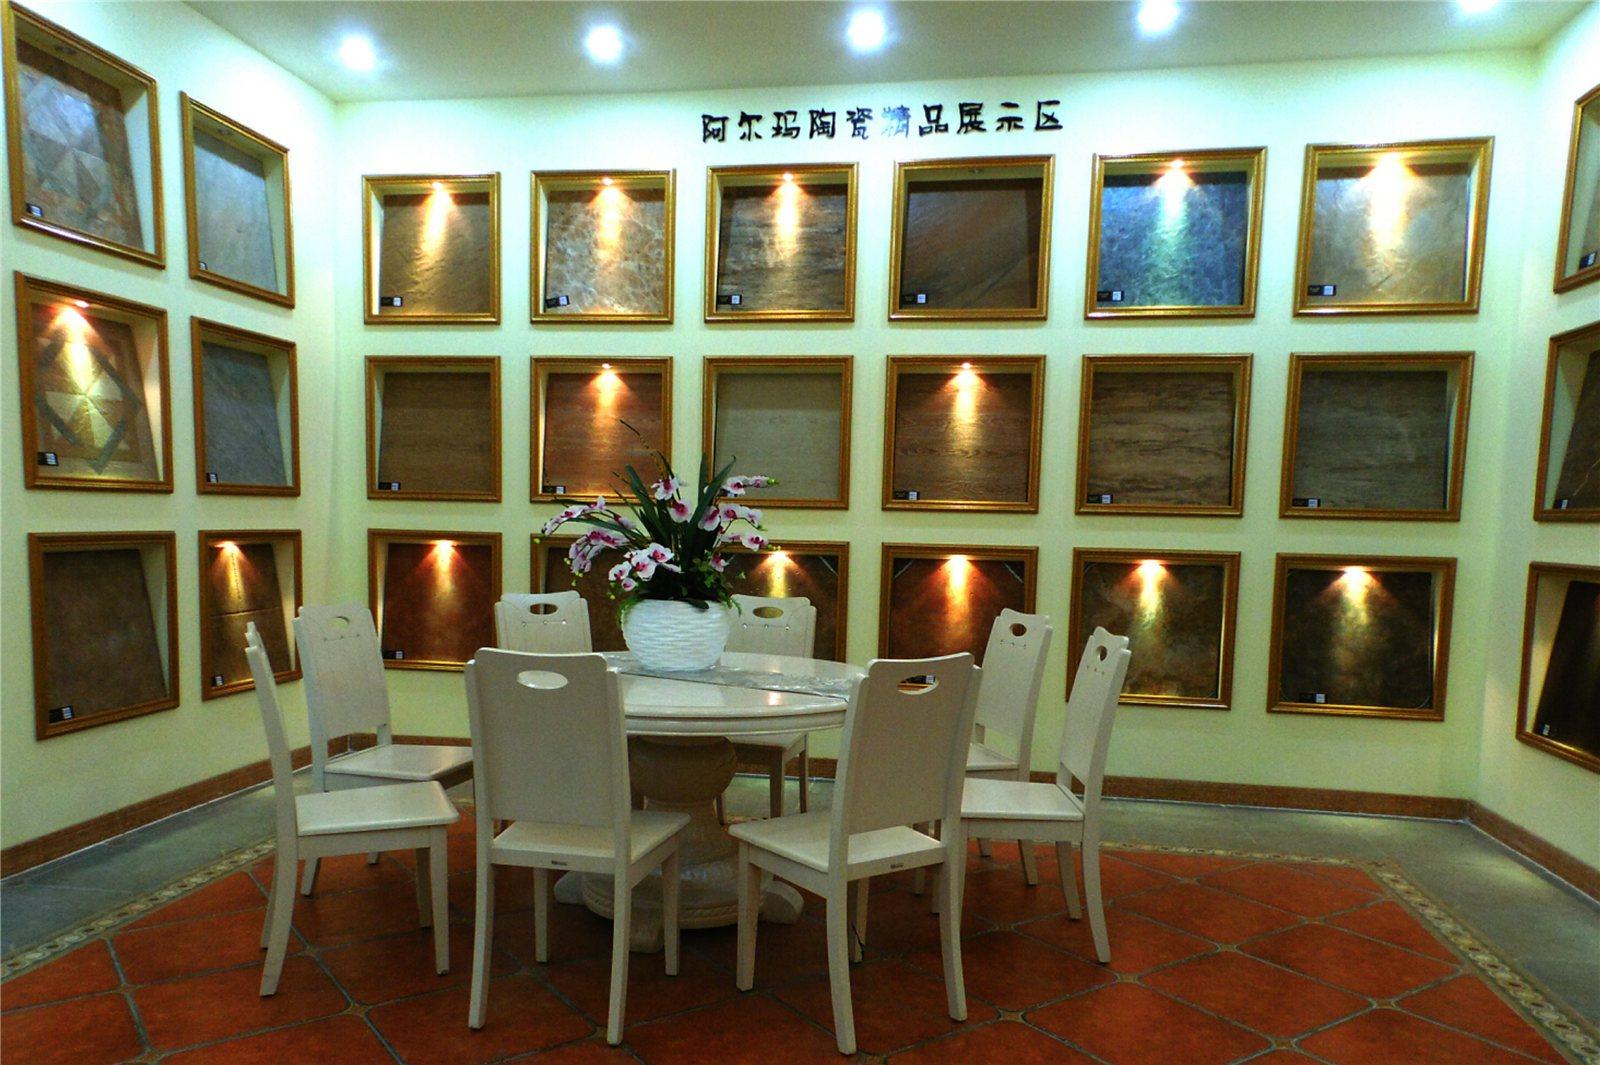 阿尔玛陶瓷精品展示区